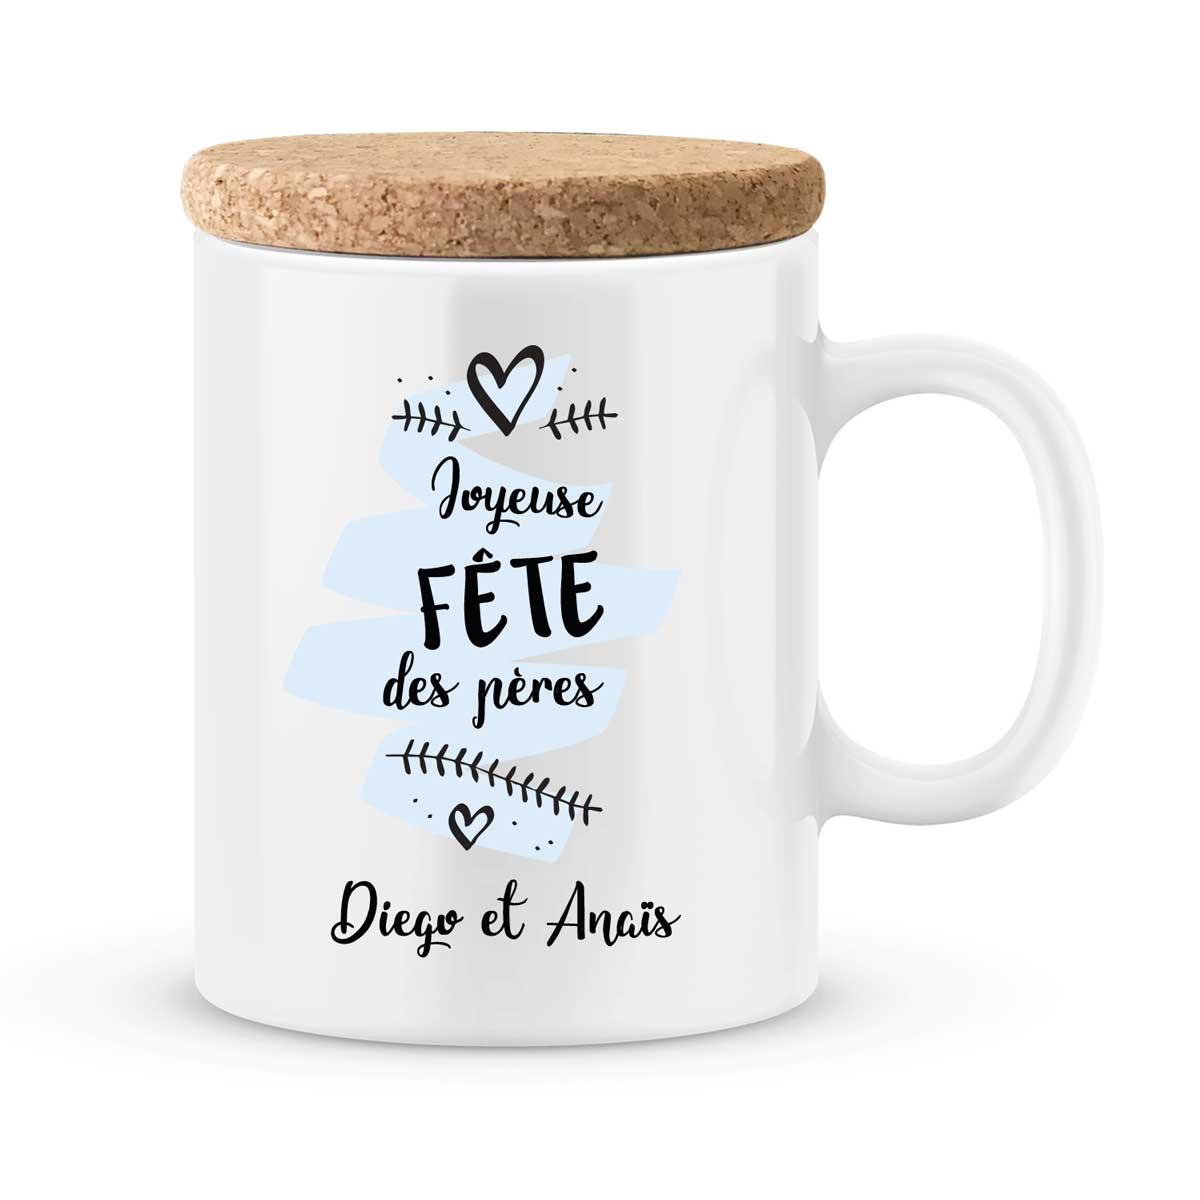 PapaMug Pères Personnalisé Fête Cadeau Des Joyeuse IY7f6gvby